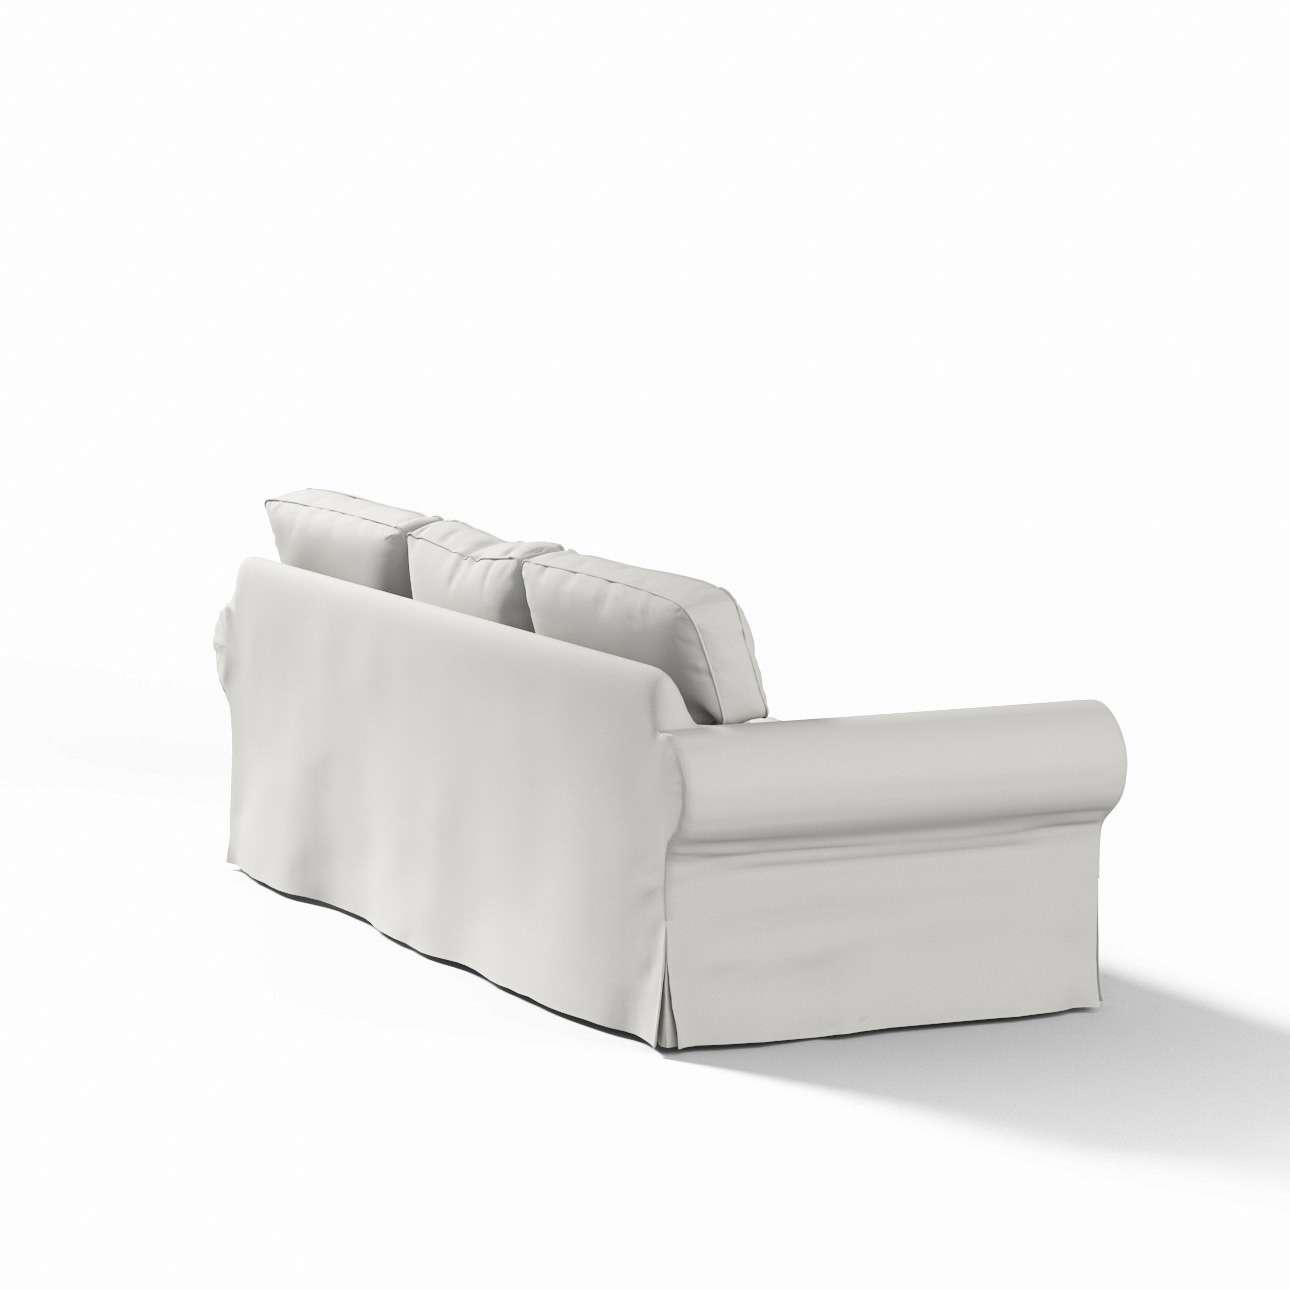 Pokrowiec na sofę Ektorp 3-osobową, rozkładaną NOWY MODEL 2013 Ektorp 3-os rozkładany nowy model 2013 w kolekcji Etna , tkanina: 705-90